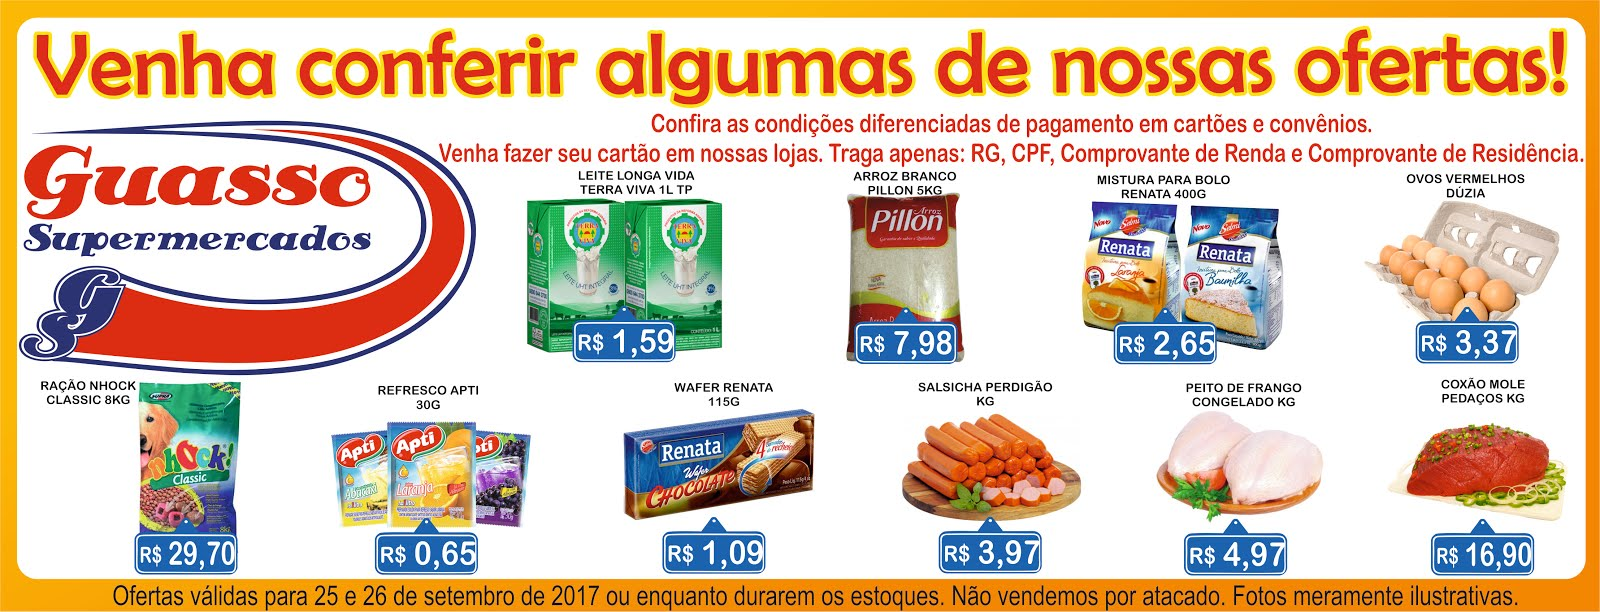 Confira algumas ofertas do Guasso Supermercados!!!